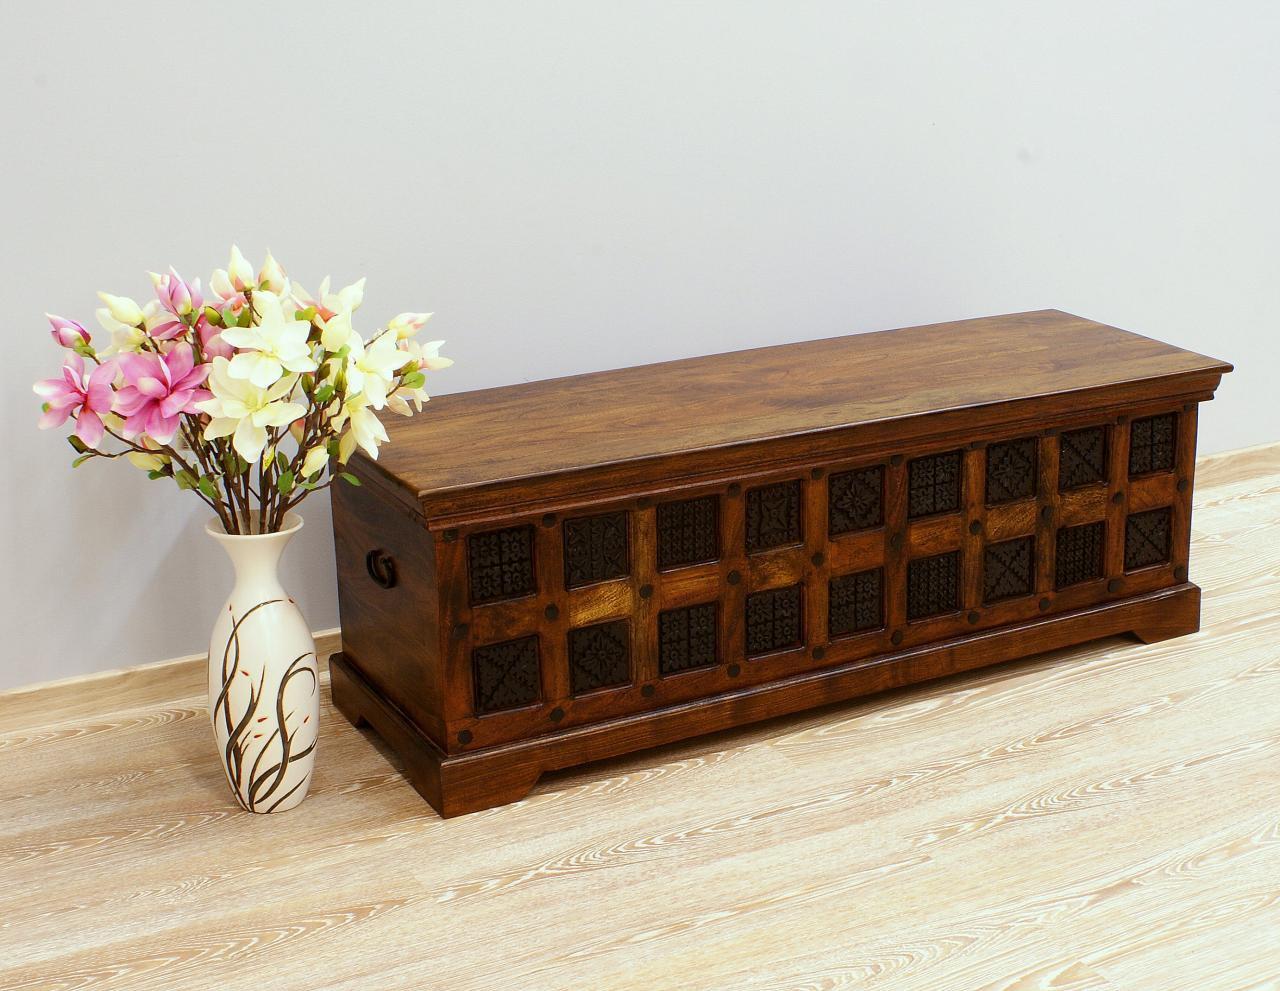 Kufer kolonialny lite drewno akacja indyjska ręcznie rzeźbiony pojemny masywny